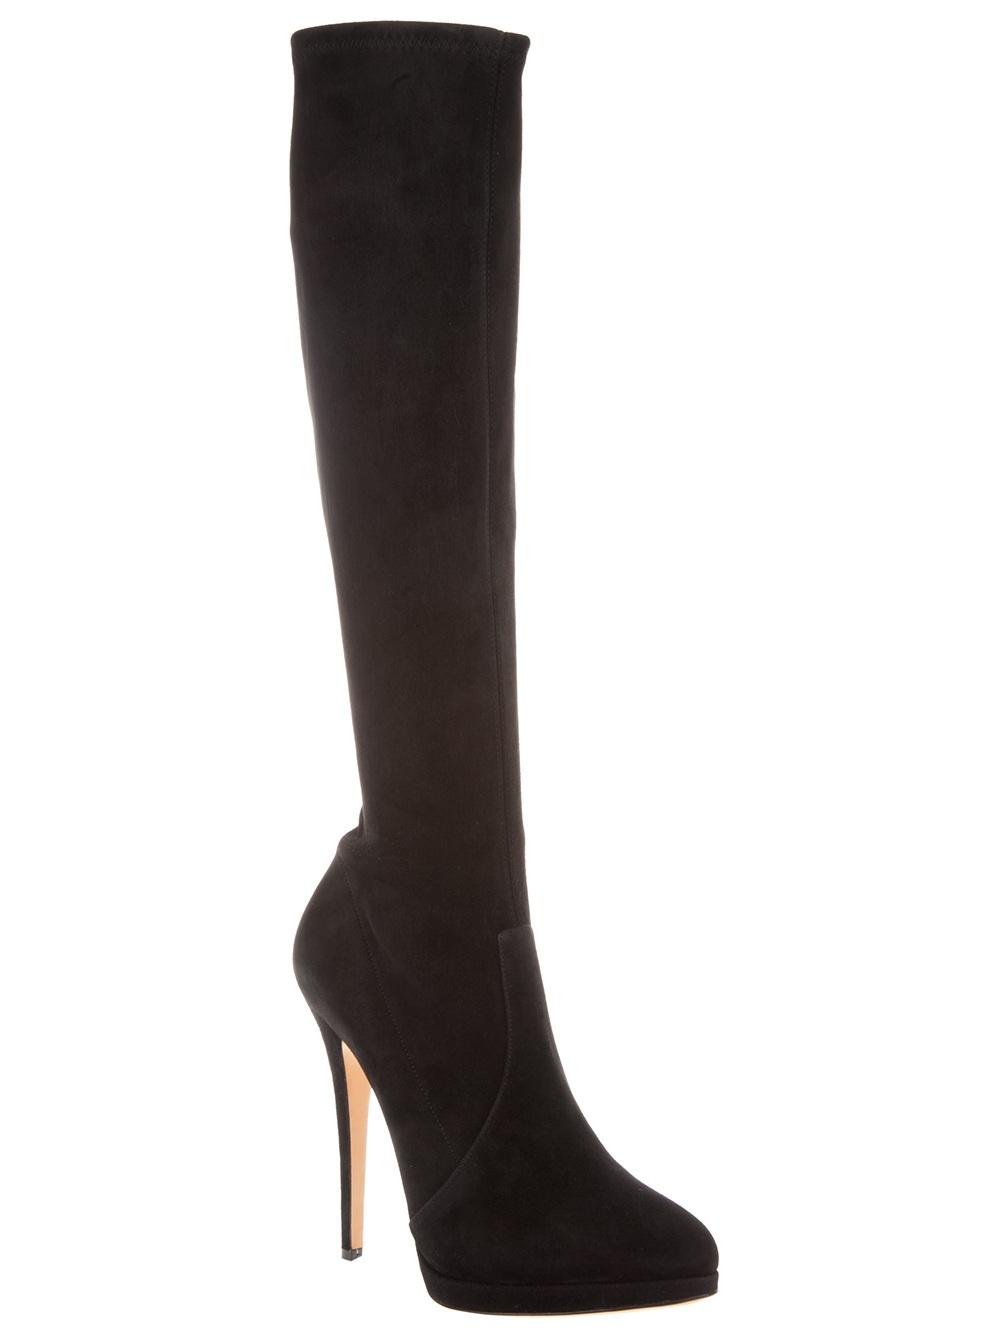 casadei knee high stiletto boot in black lyst